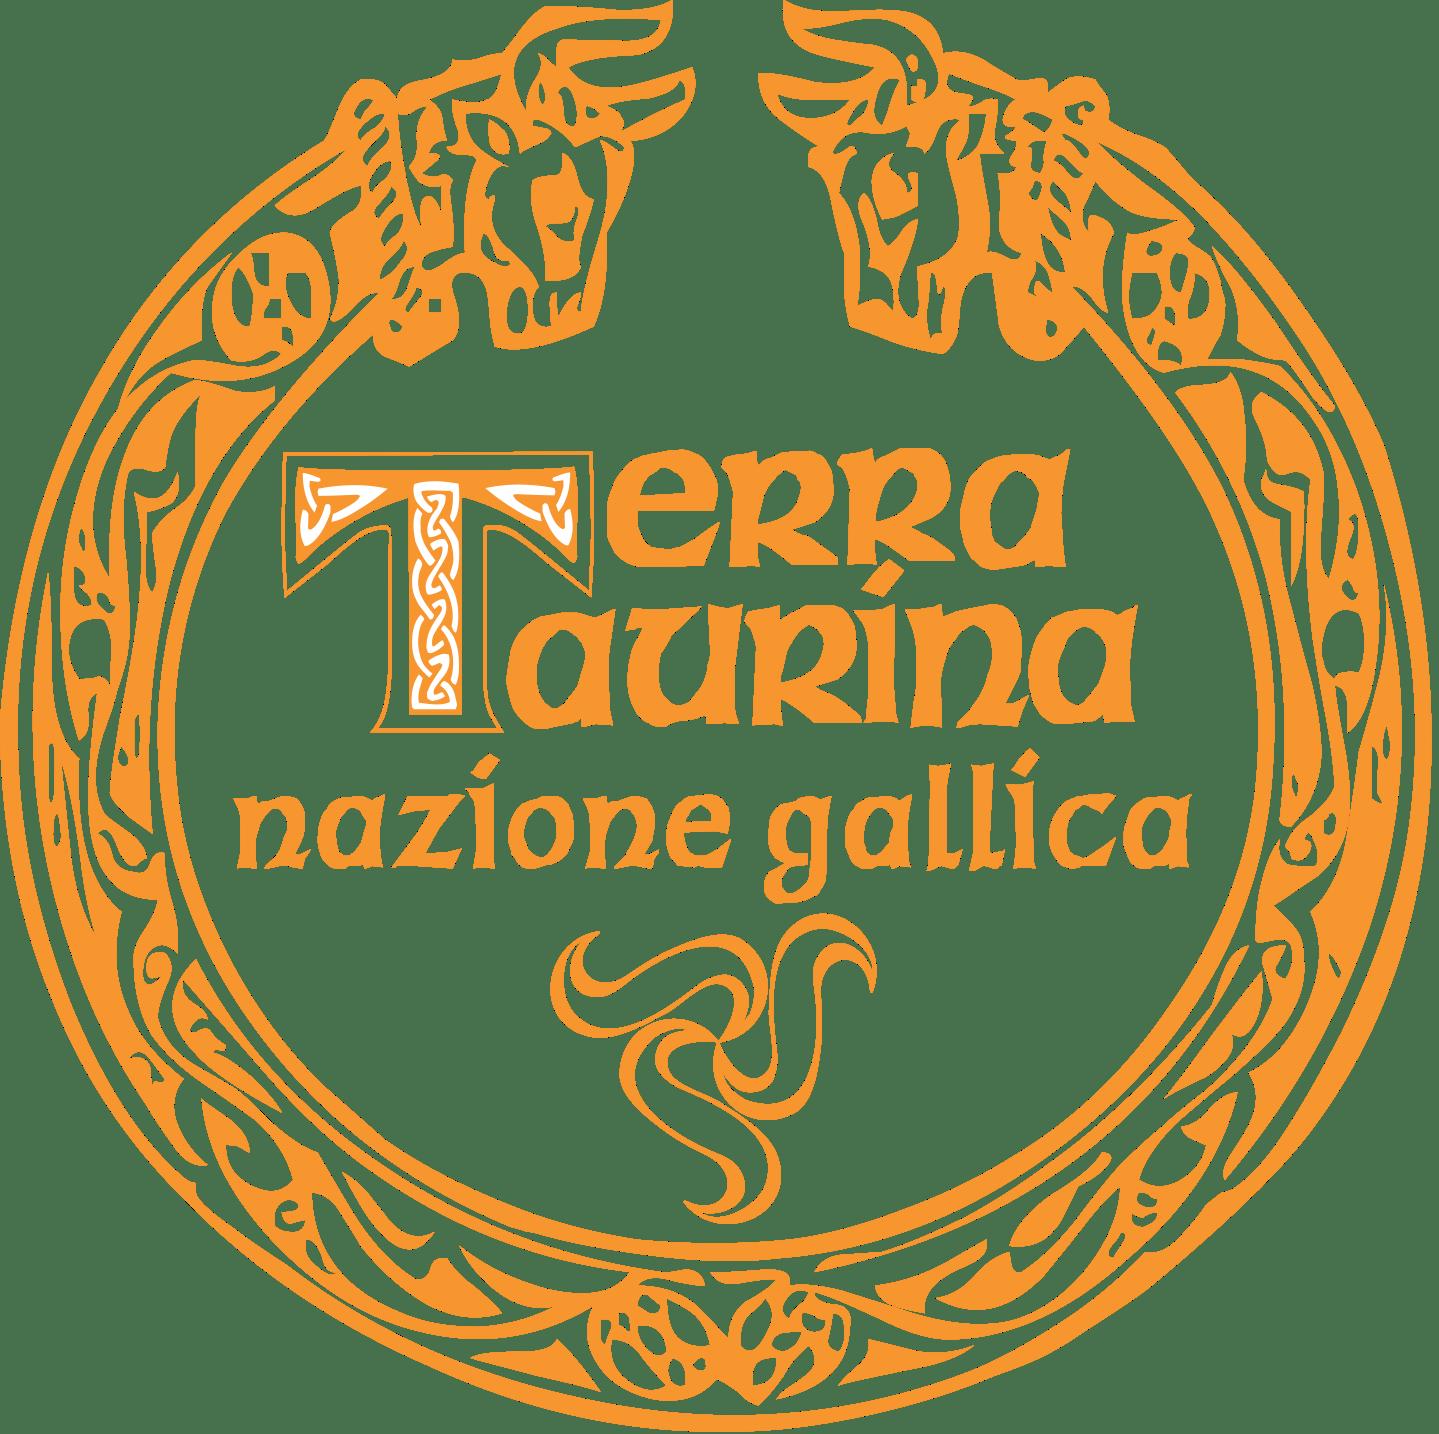 Touta Taurini